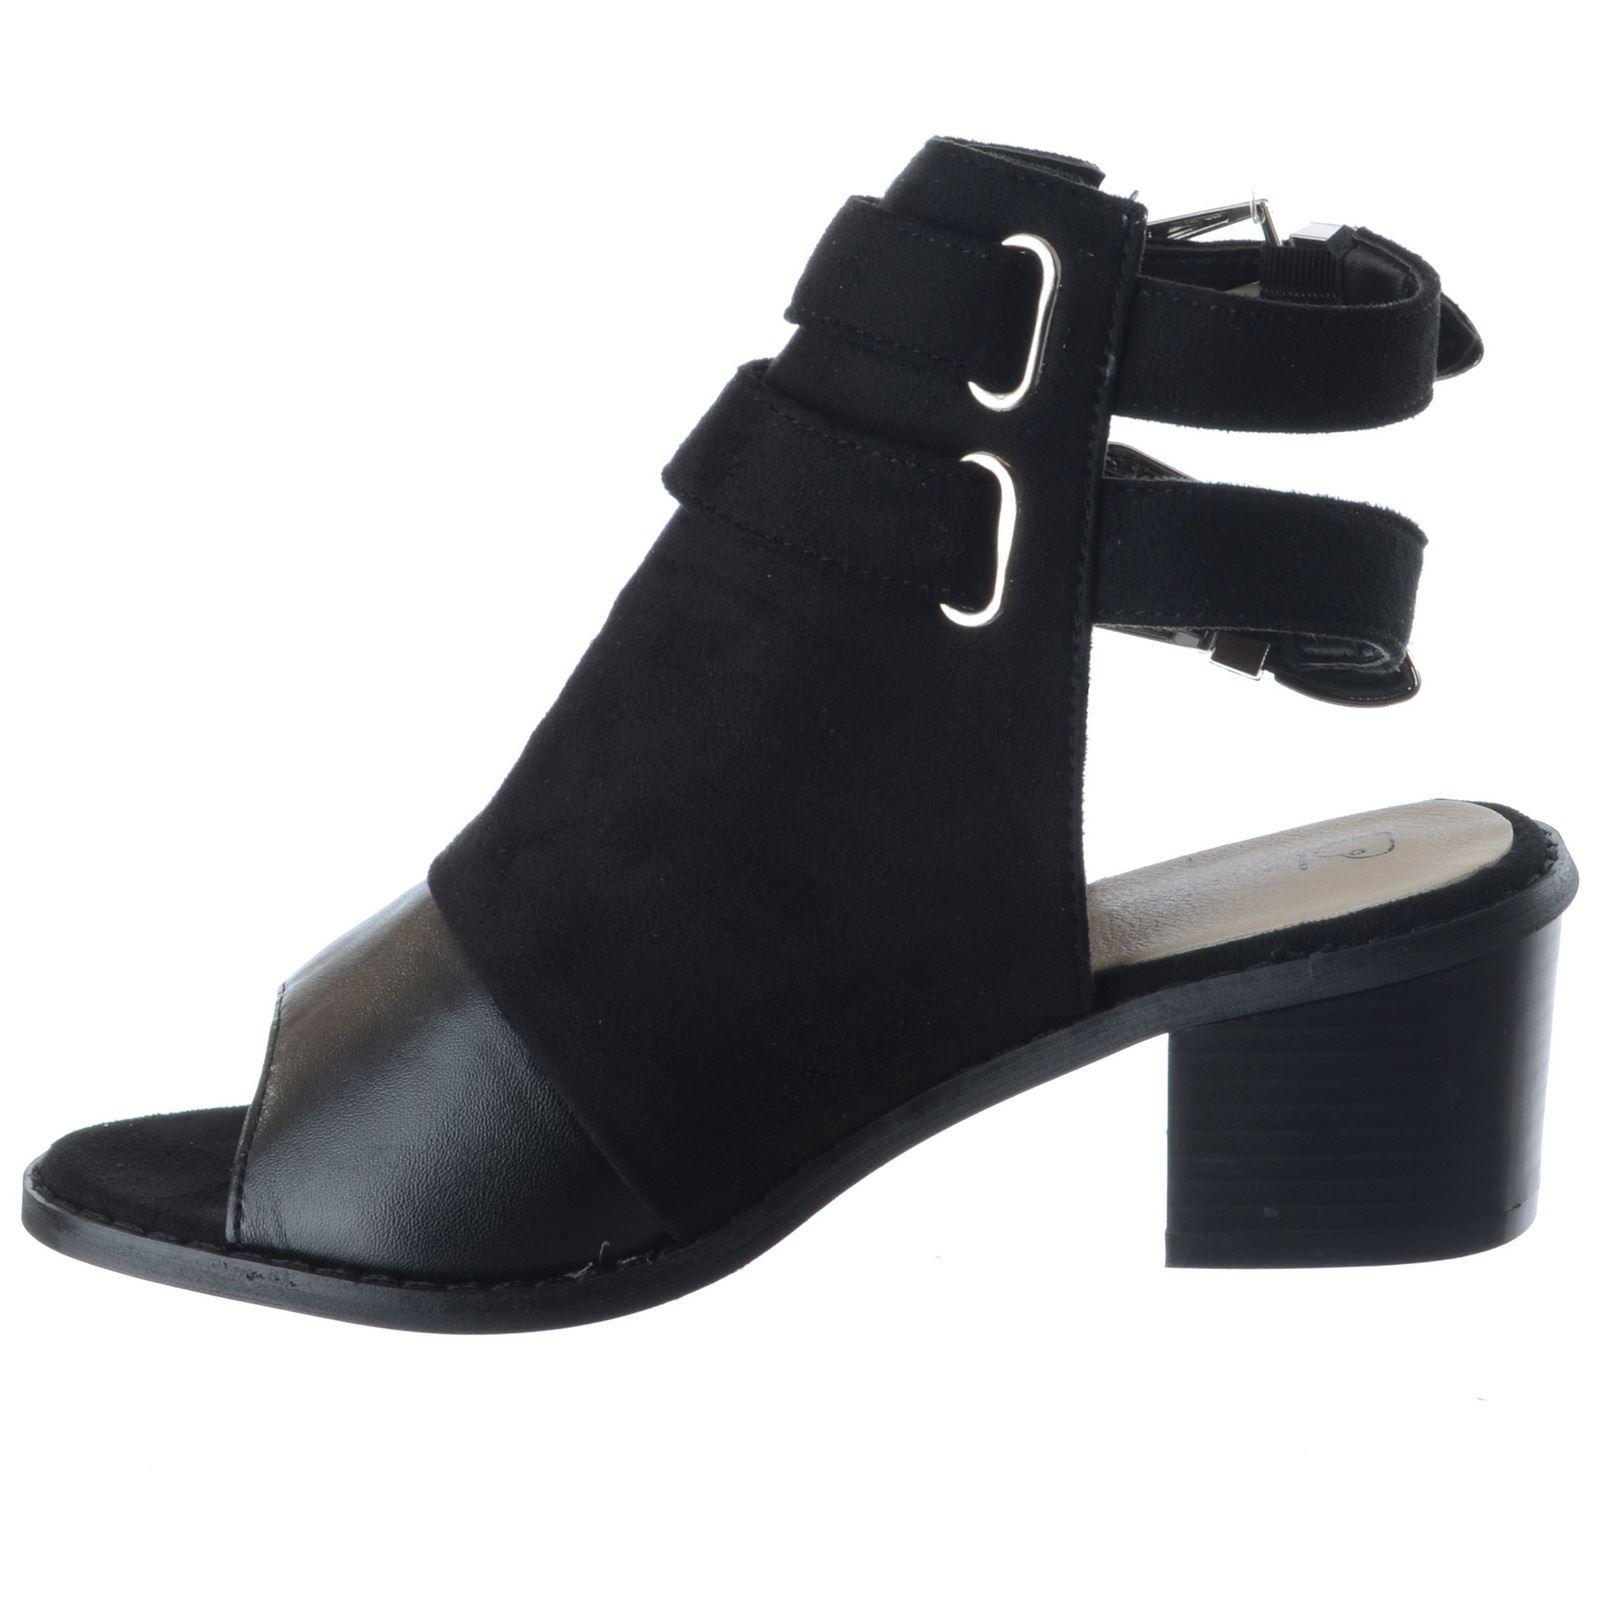 Señoras mujeres Mediados Bloque Talón Gemelo Hebilla Correa en el Tobillo Peep Toe Sandalias Zapatos Talla